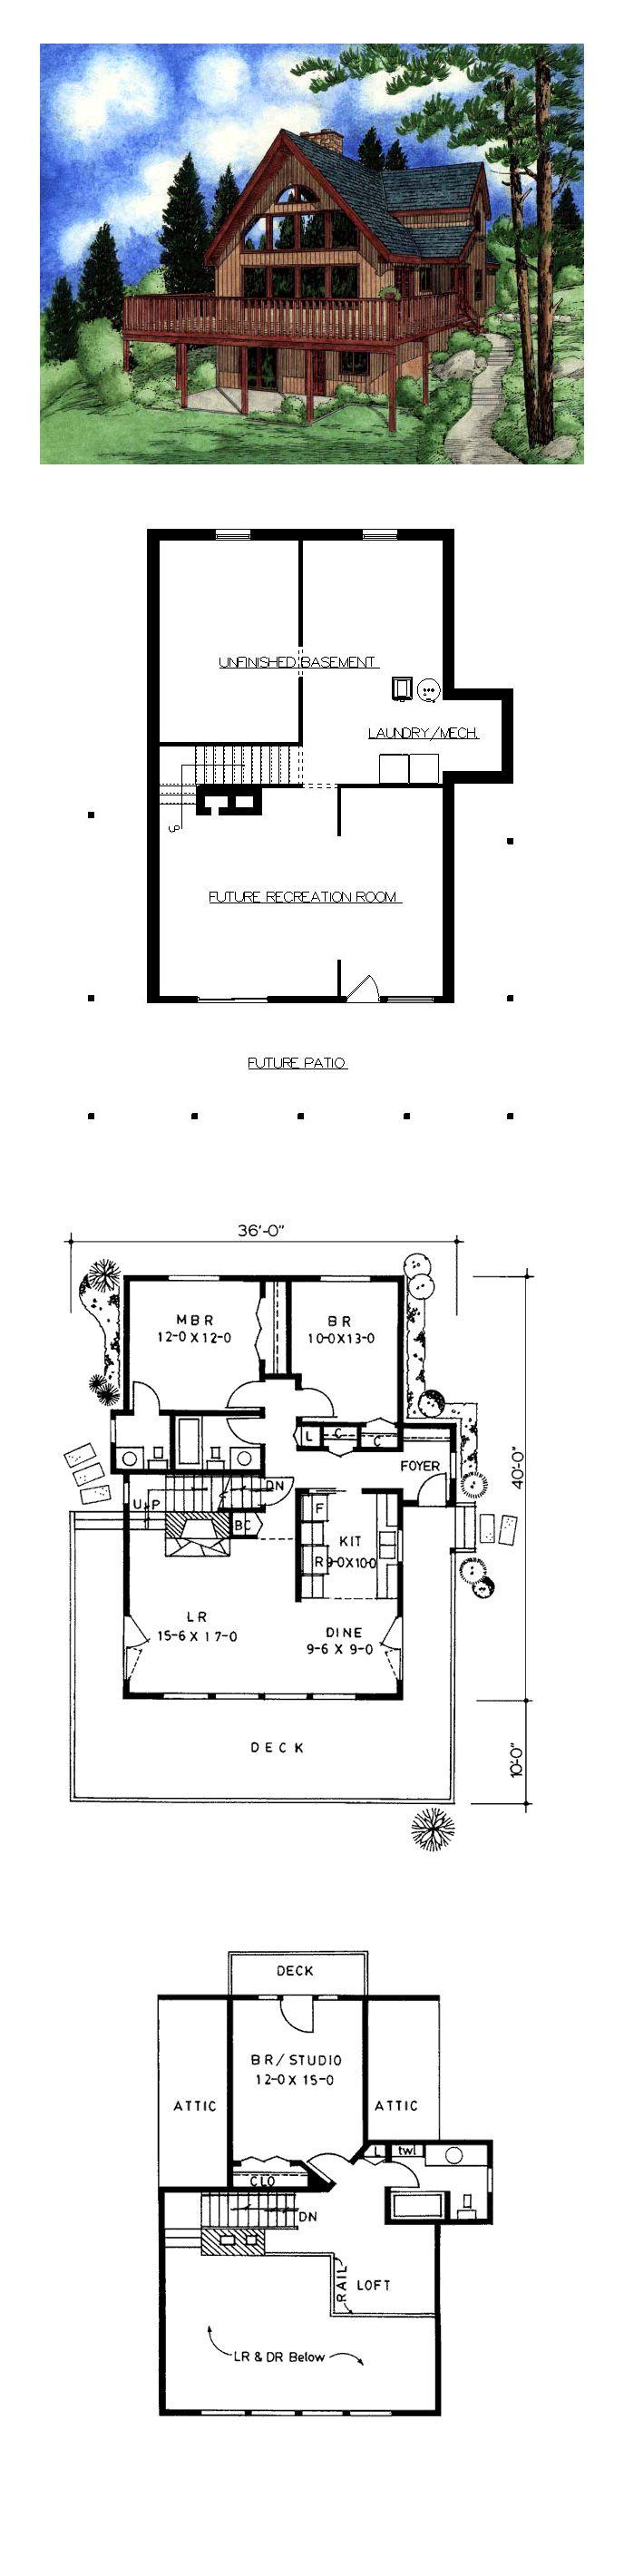 50 best hillside home plans images on pinterest house for Hillside home floor plans